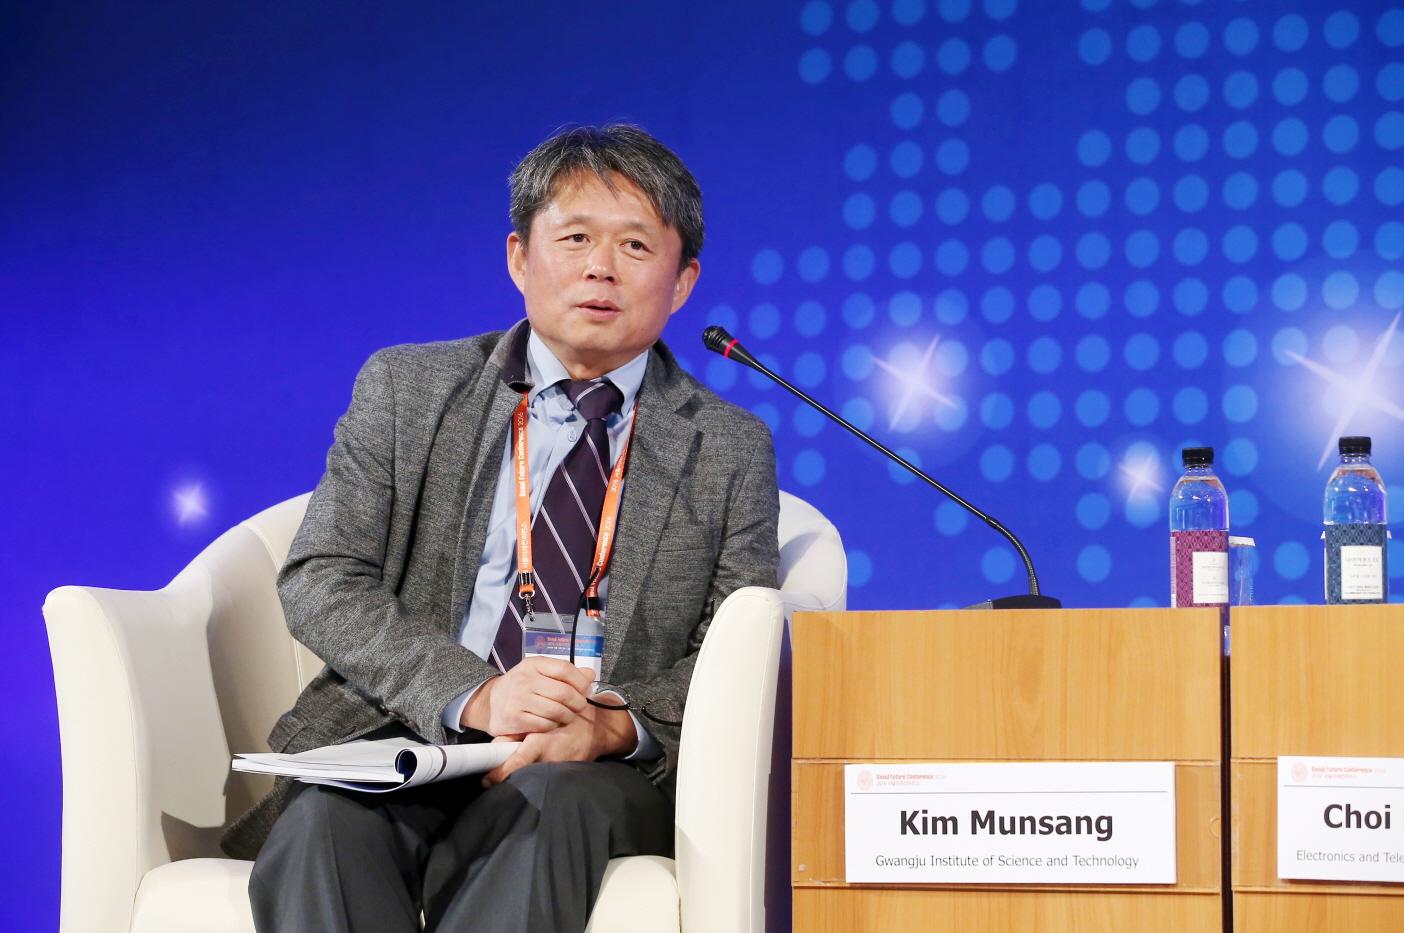 2016 SFC Session I 좌장 김문상 광주과학기술원 특훈교수